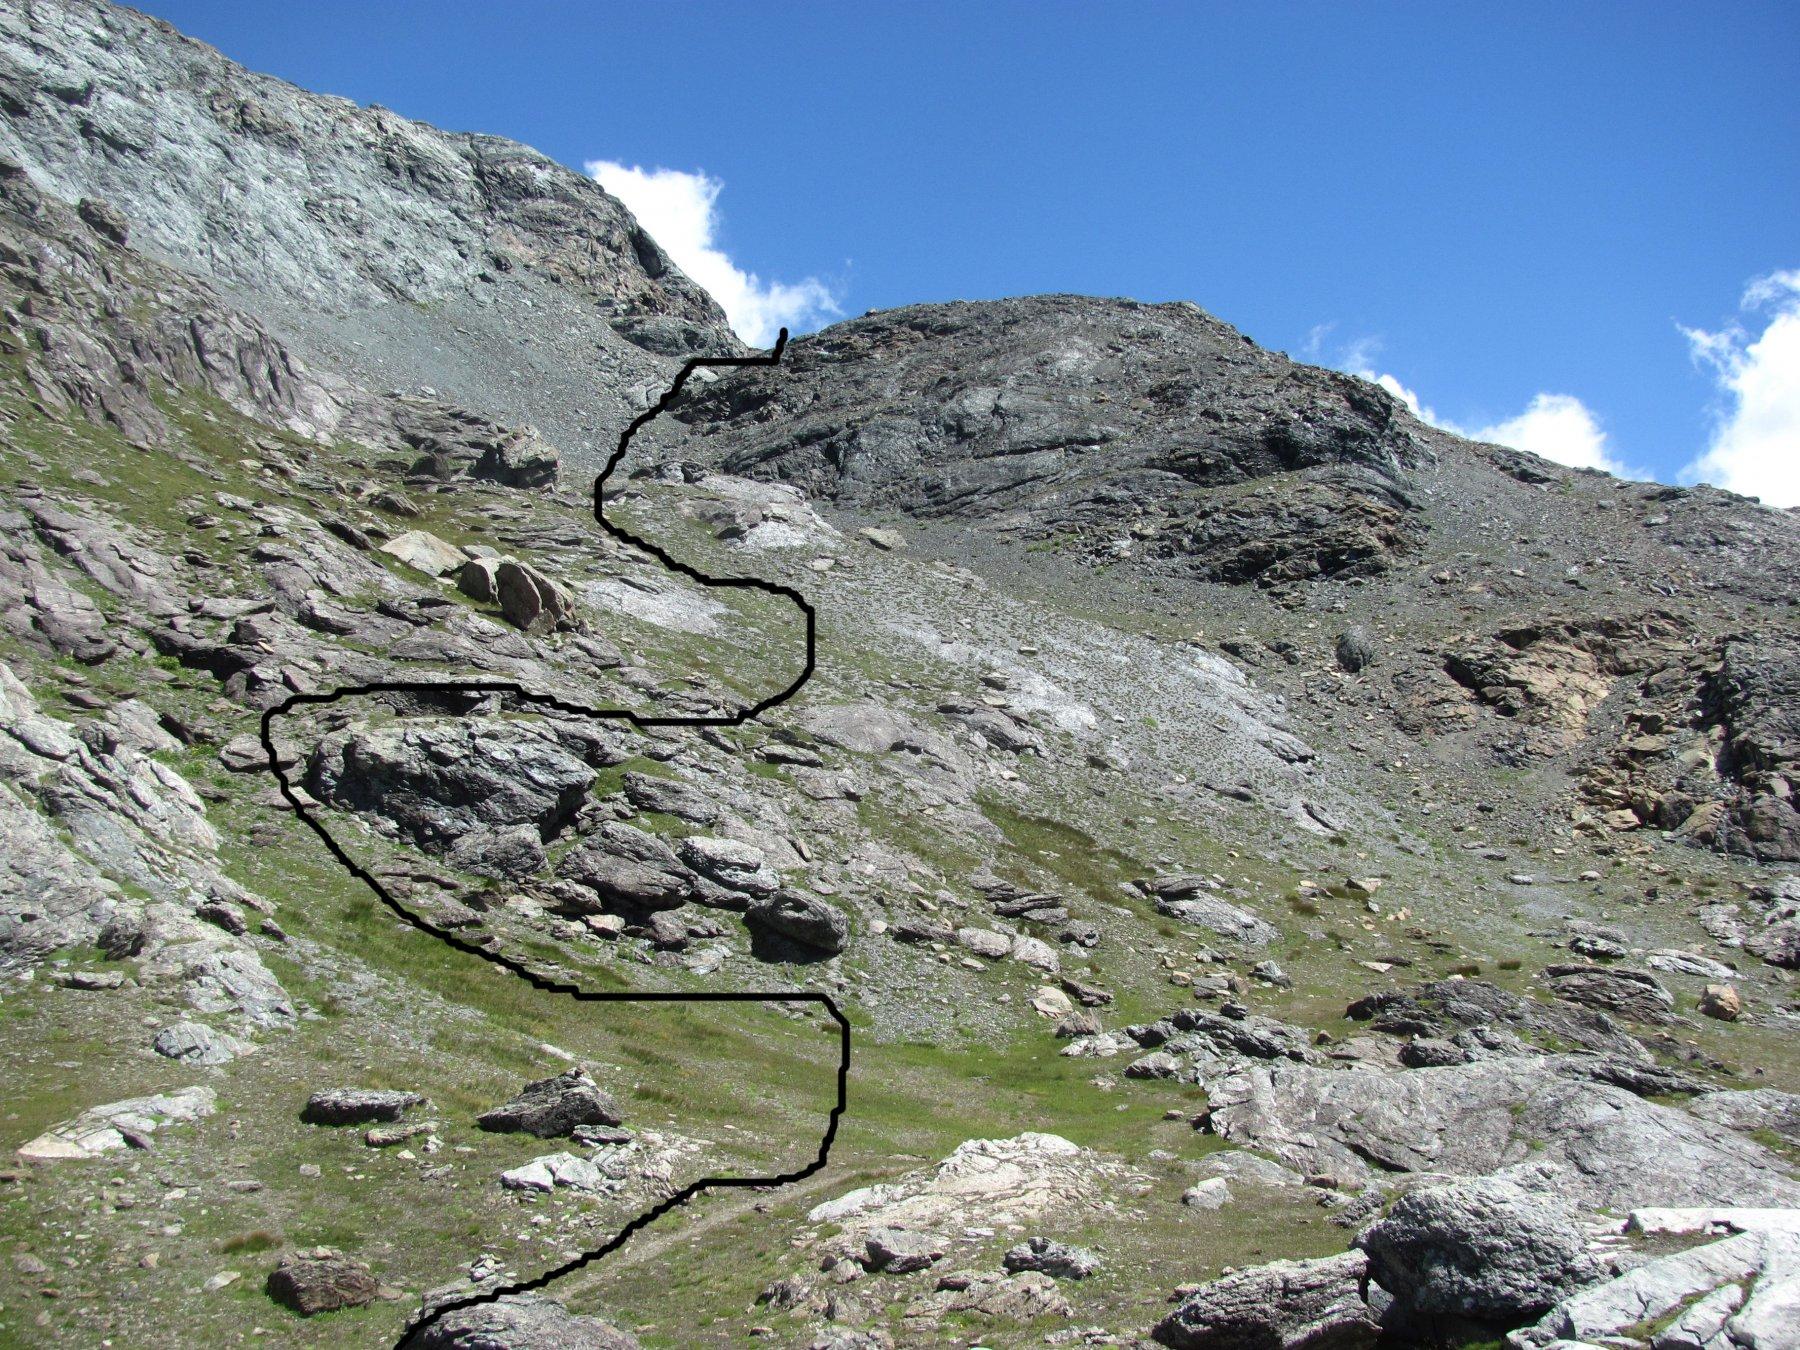 traccia indicativa della deviazione a sin. prima del pianoro a 2700 m.